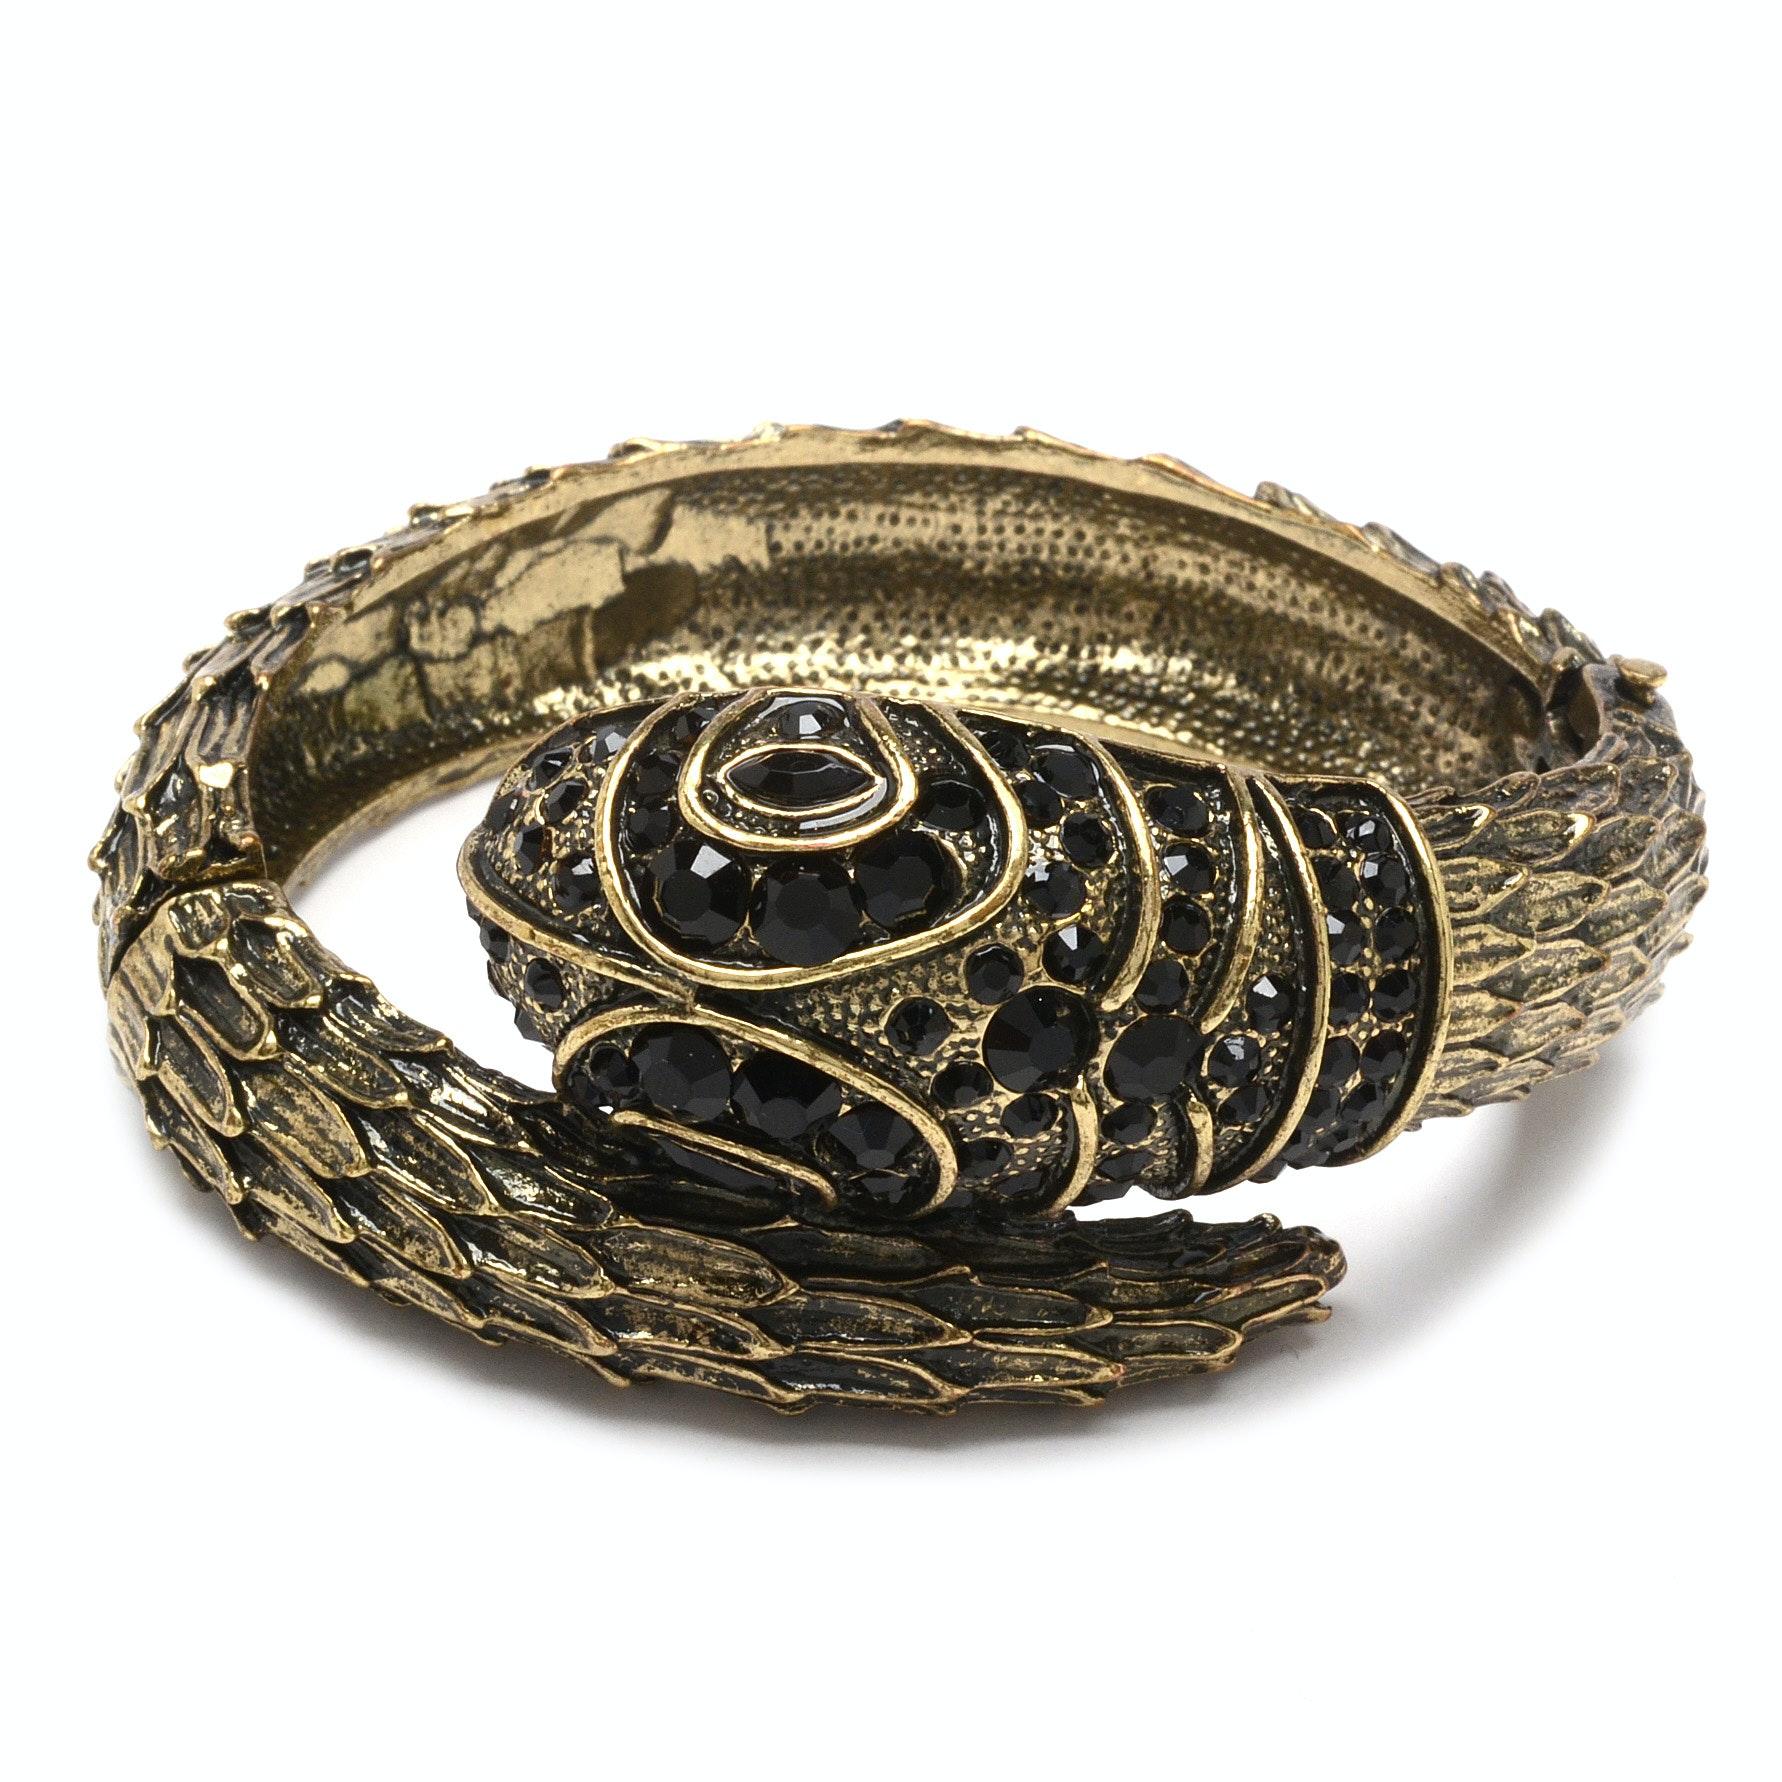 Hinged Serpent Bracelet with Black Rhinestones